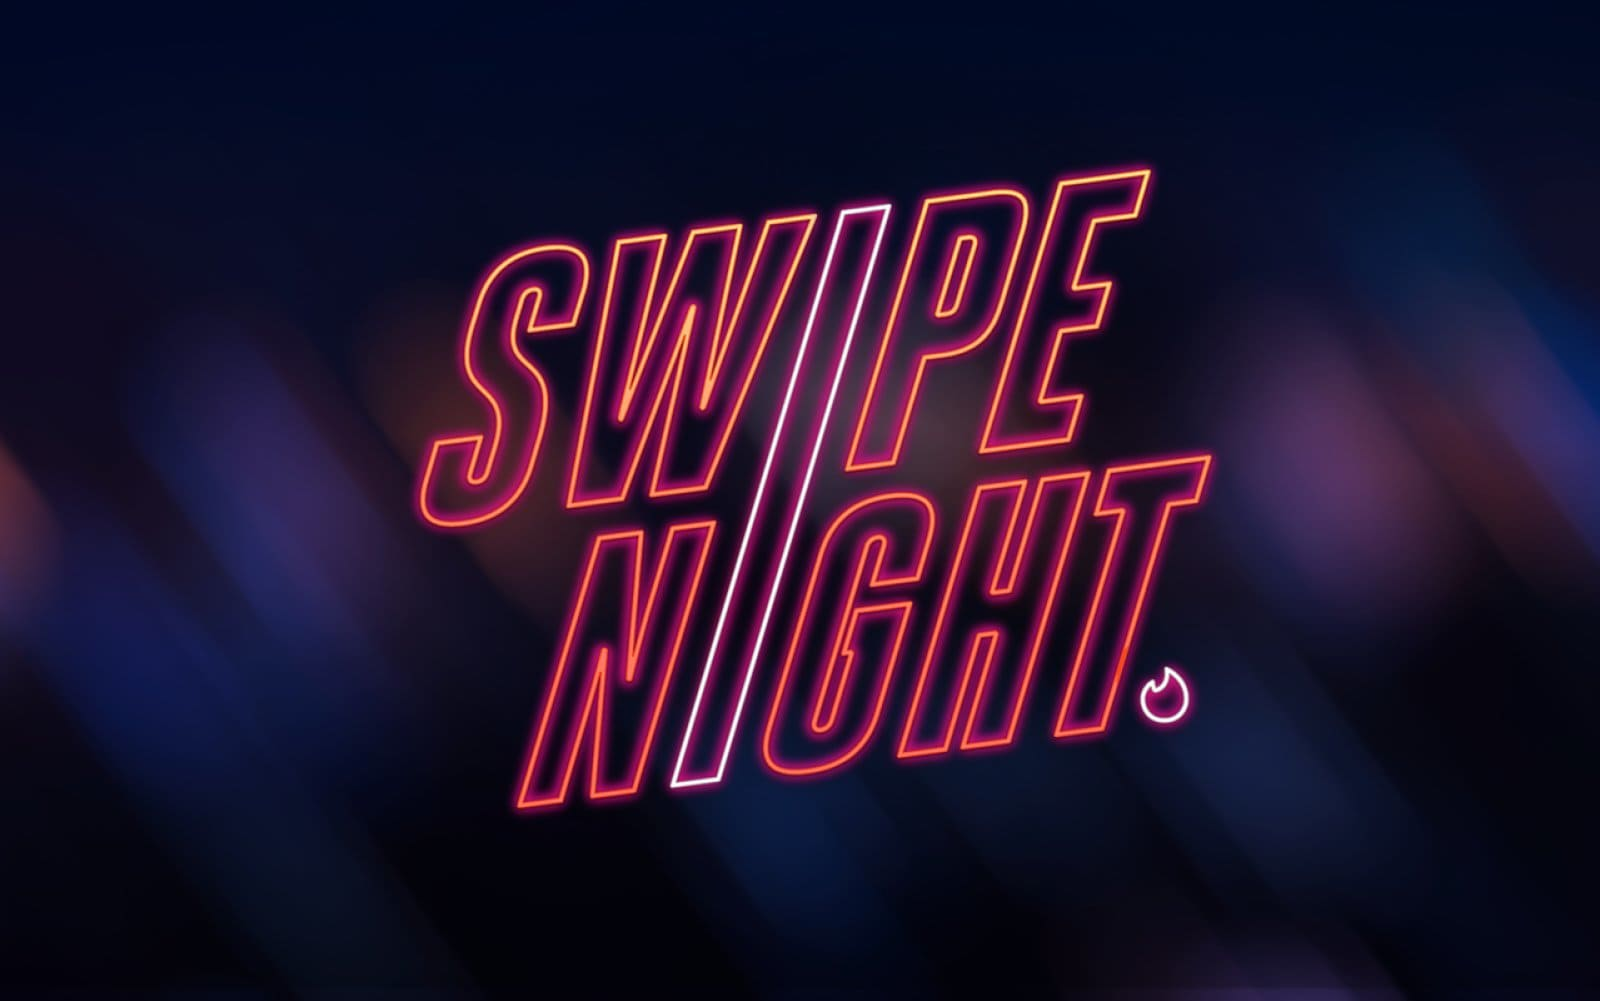 Conheça Swipe Night a série do Tinder